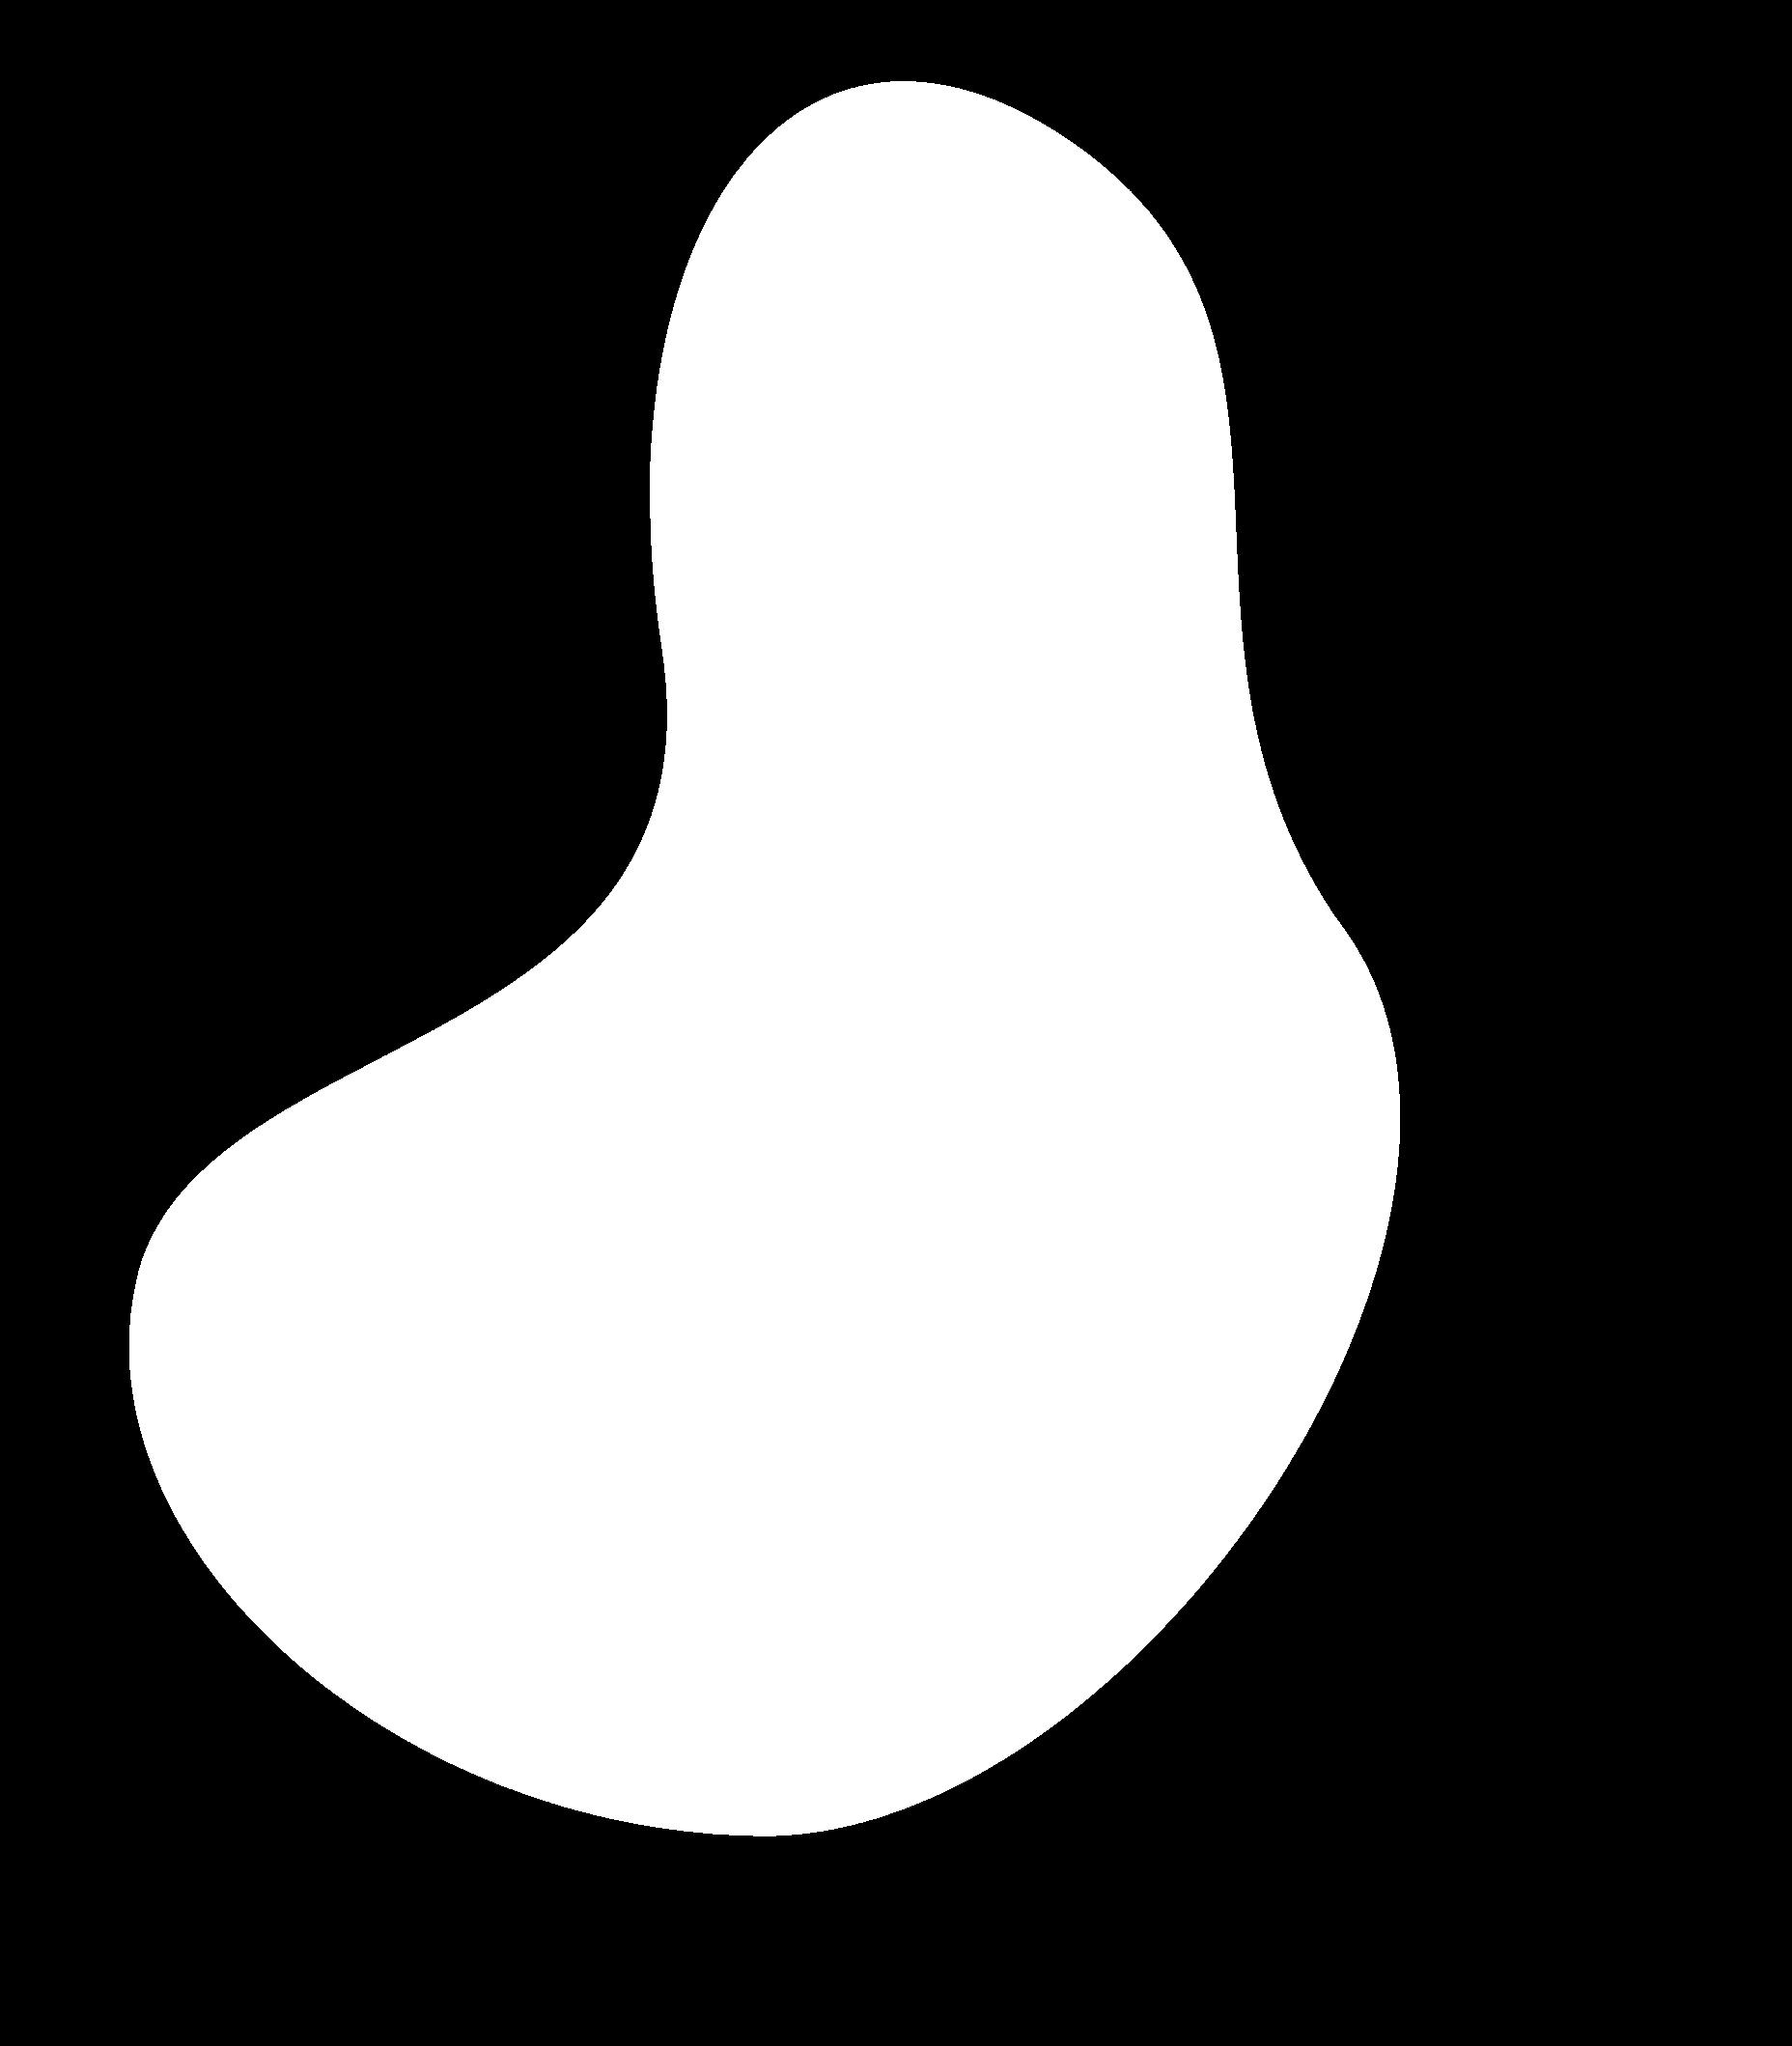 shape-4